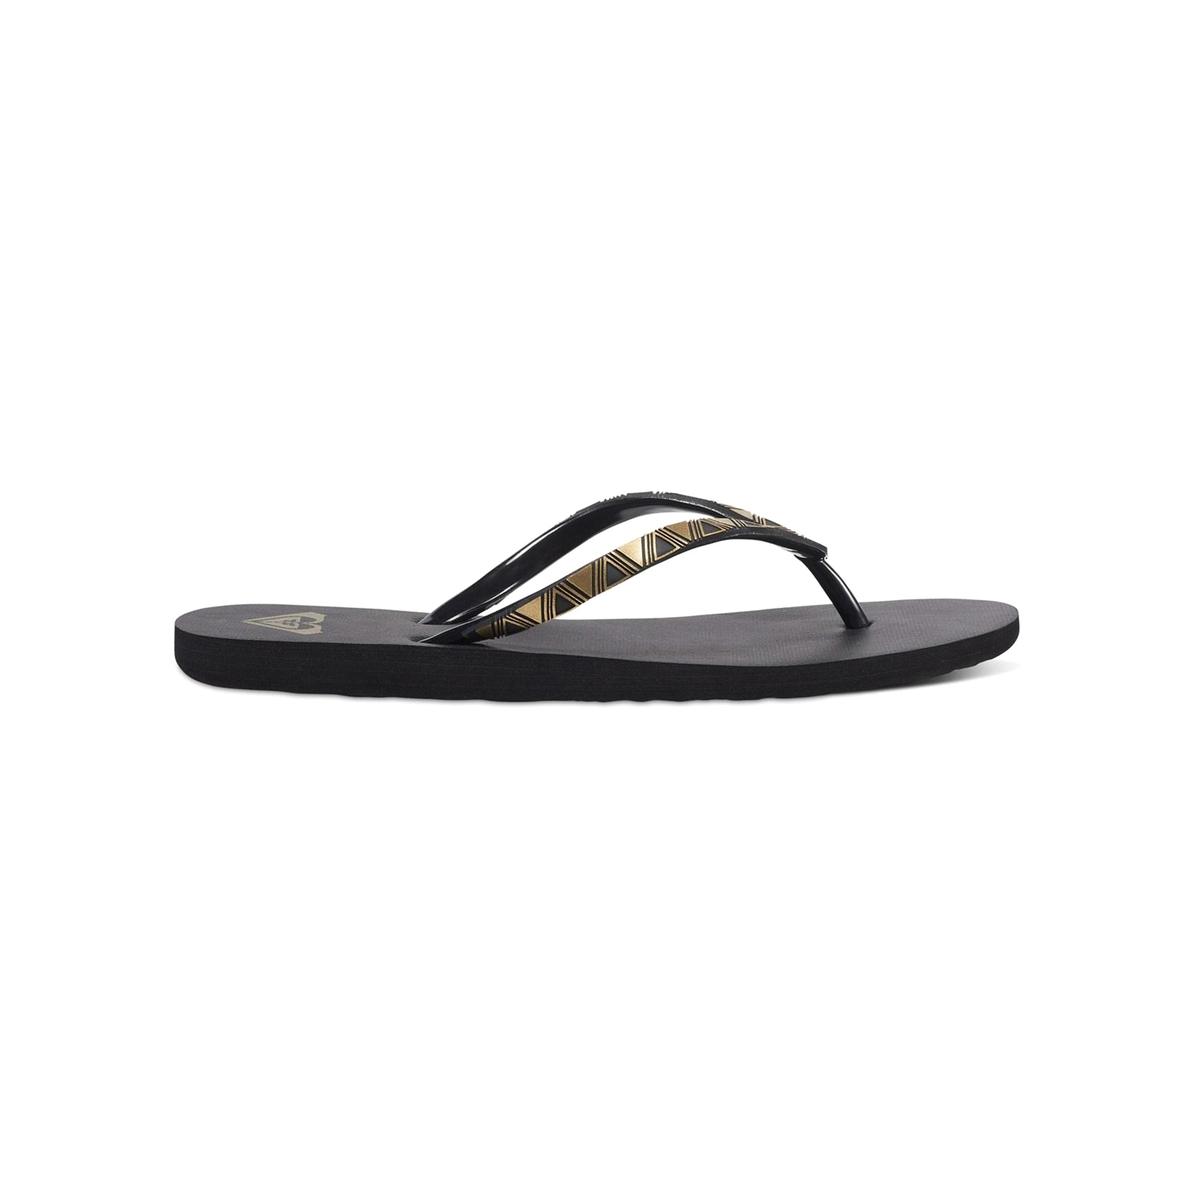 Вьетнамки Bermuda MoldedВерх : синтетика   Подошва : каучук   Форма каблука : плоский каблук   Мысок : открытый мысок   Застежка : без застежки<br><br>Цвет: черный